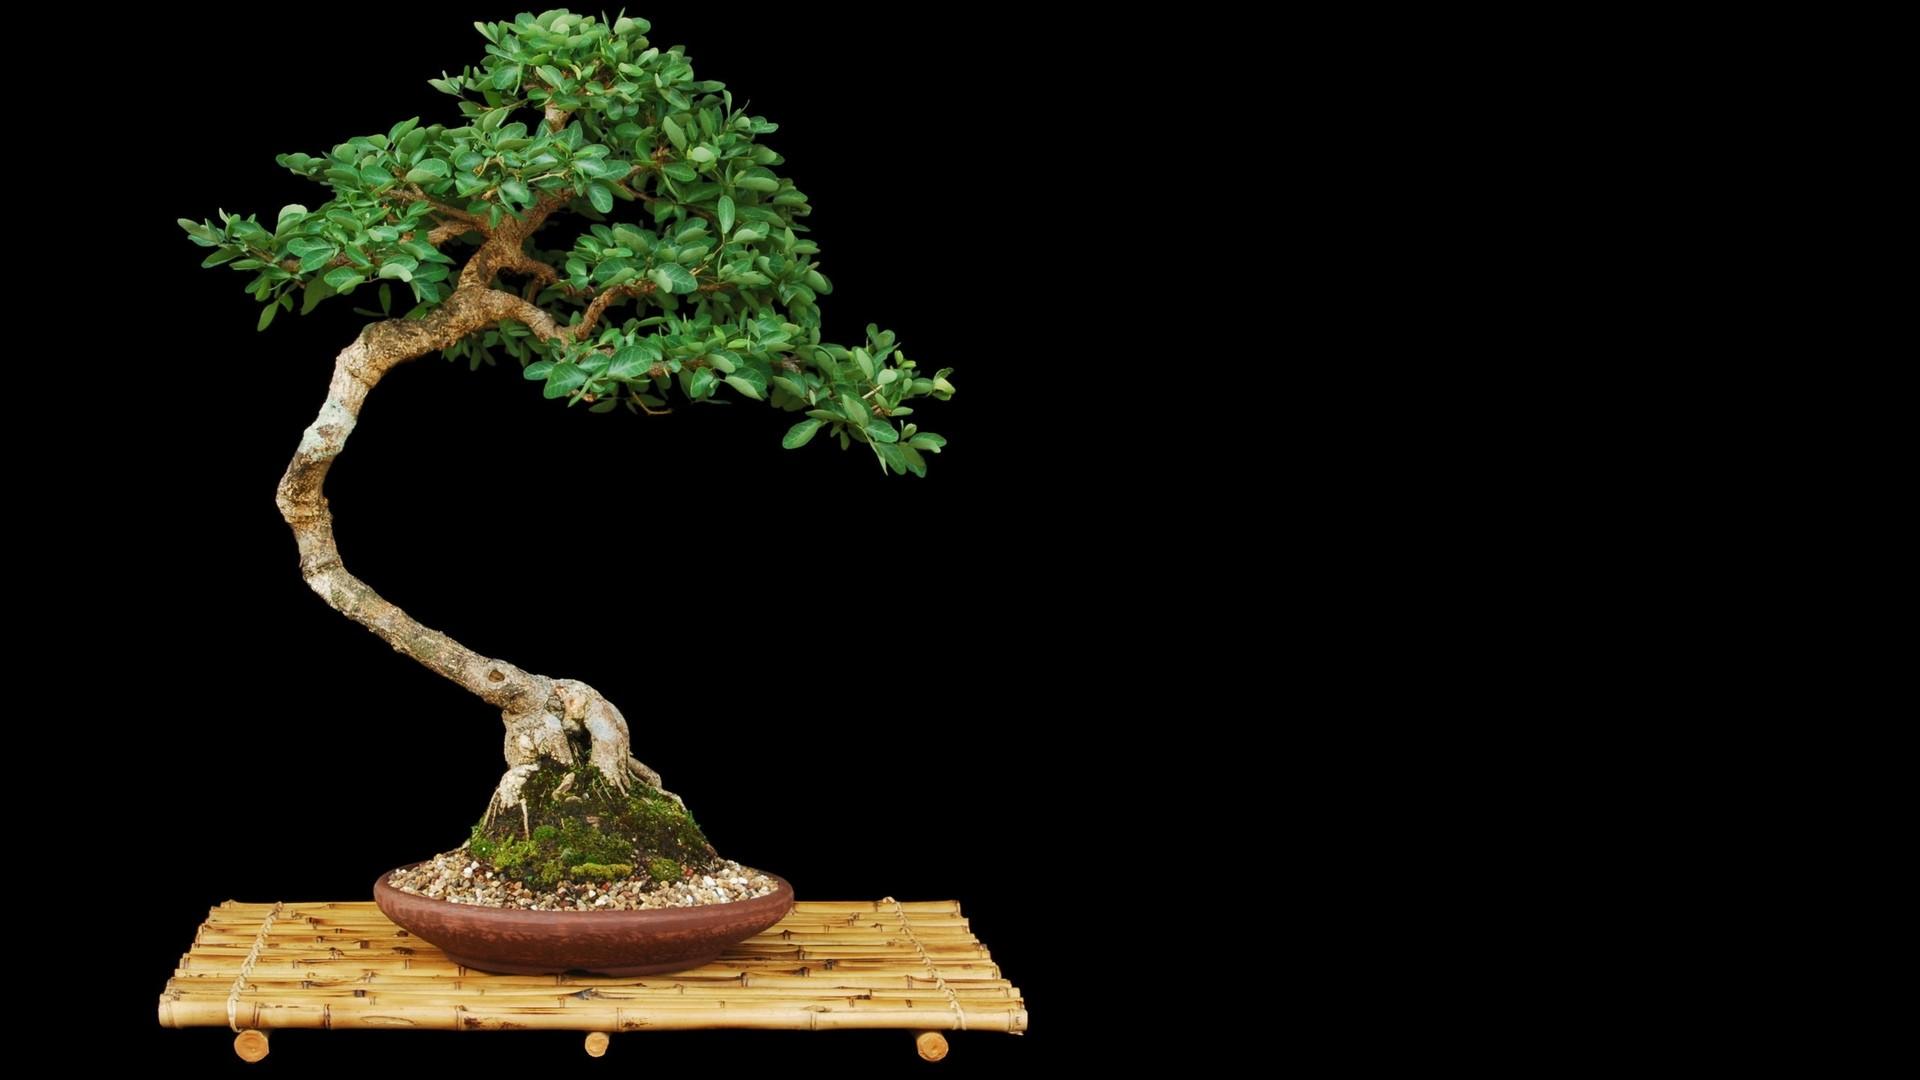 Tree Minimalist wallpaper photo hd